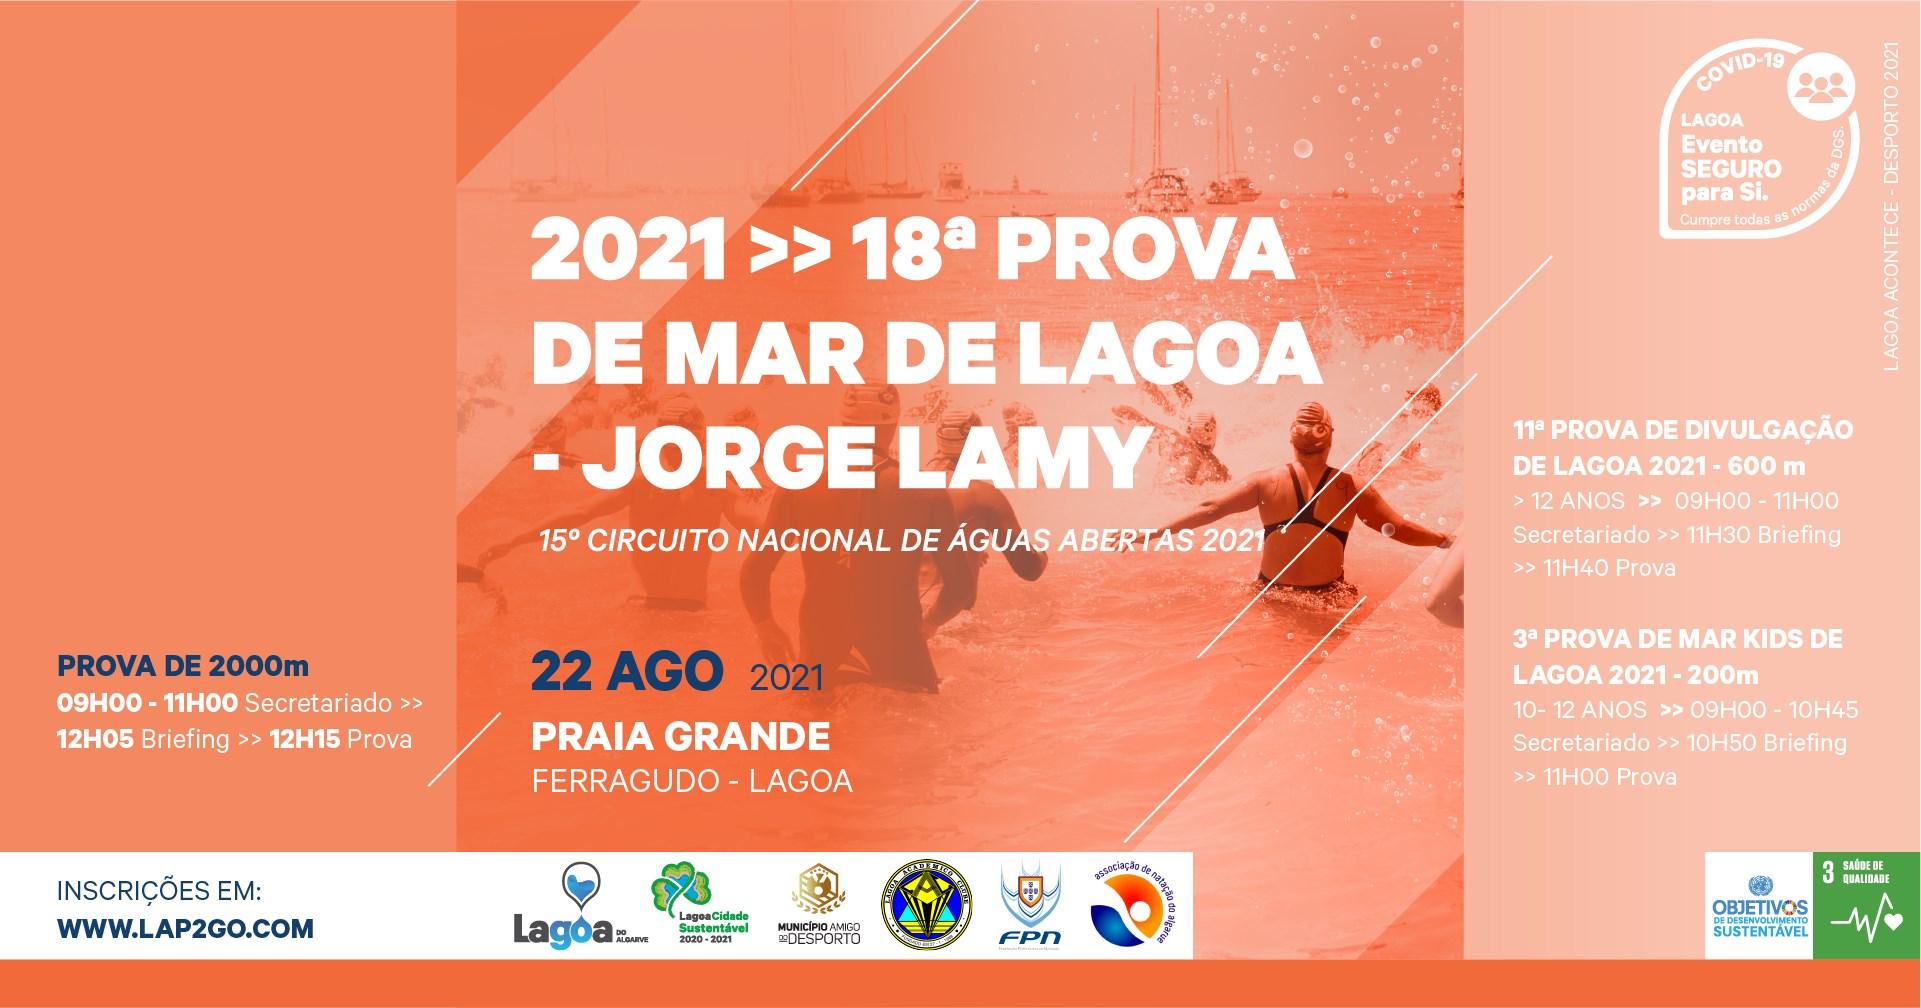 18.ª Prova de Mar de Lagoa 'Jorge Lamy' | 15.º Circuito Nacional de Águas Abertas